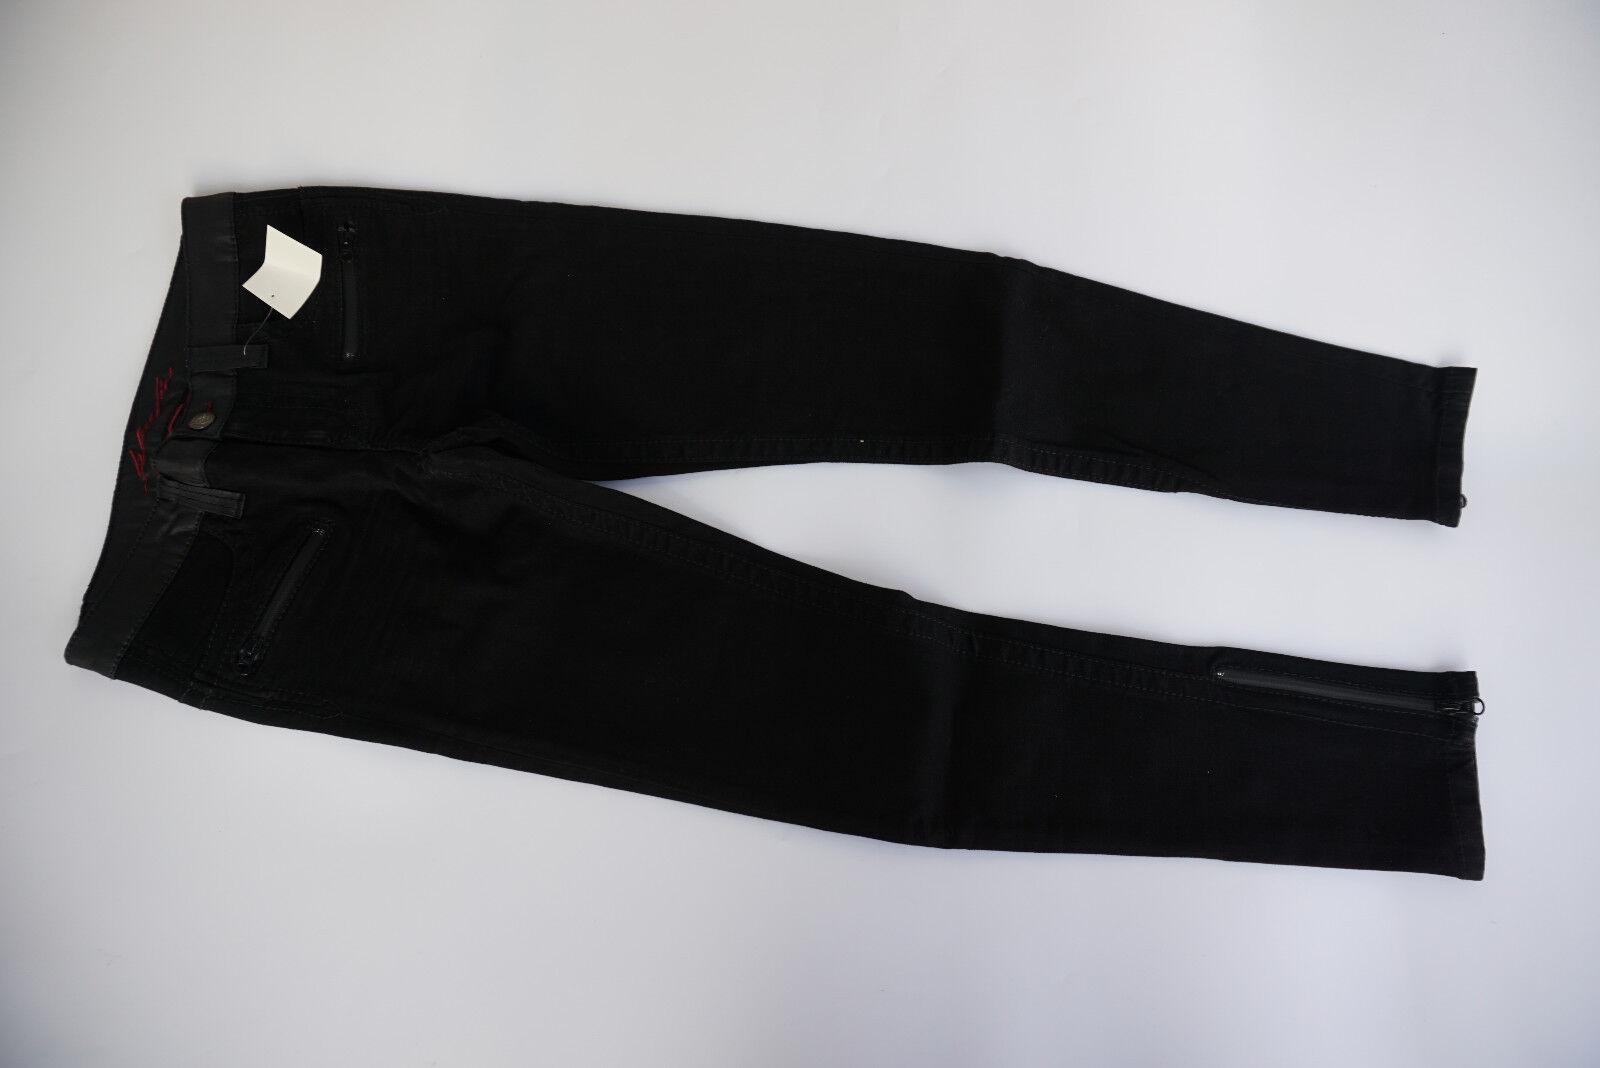 Blau FIRE Damen Stretch Jeans Hose Zip Slim fit Gr.36 28 32 W28 L32 schwarz NEU